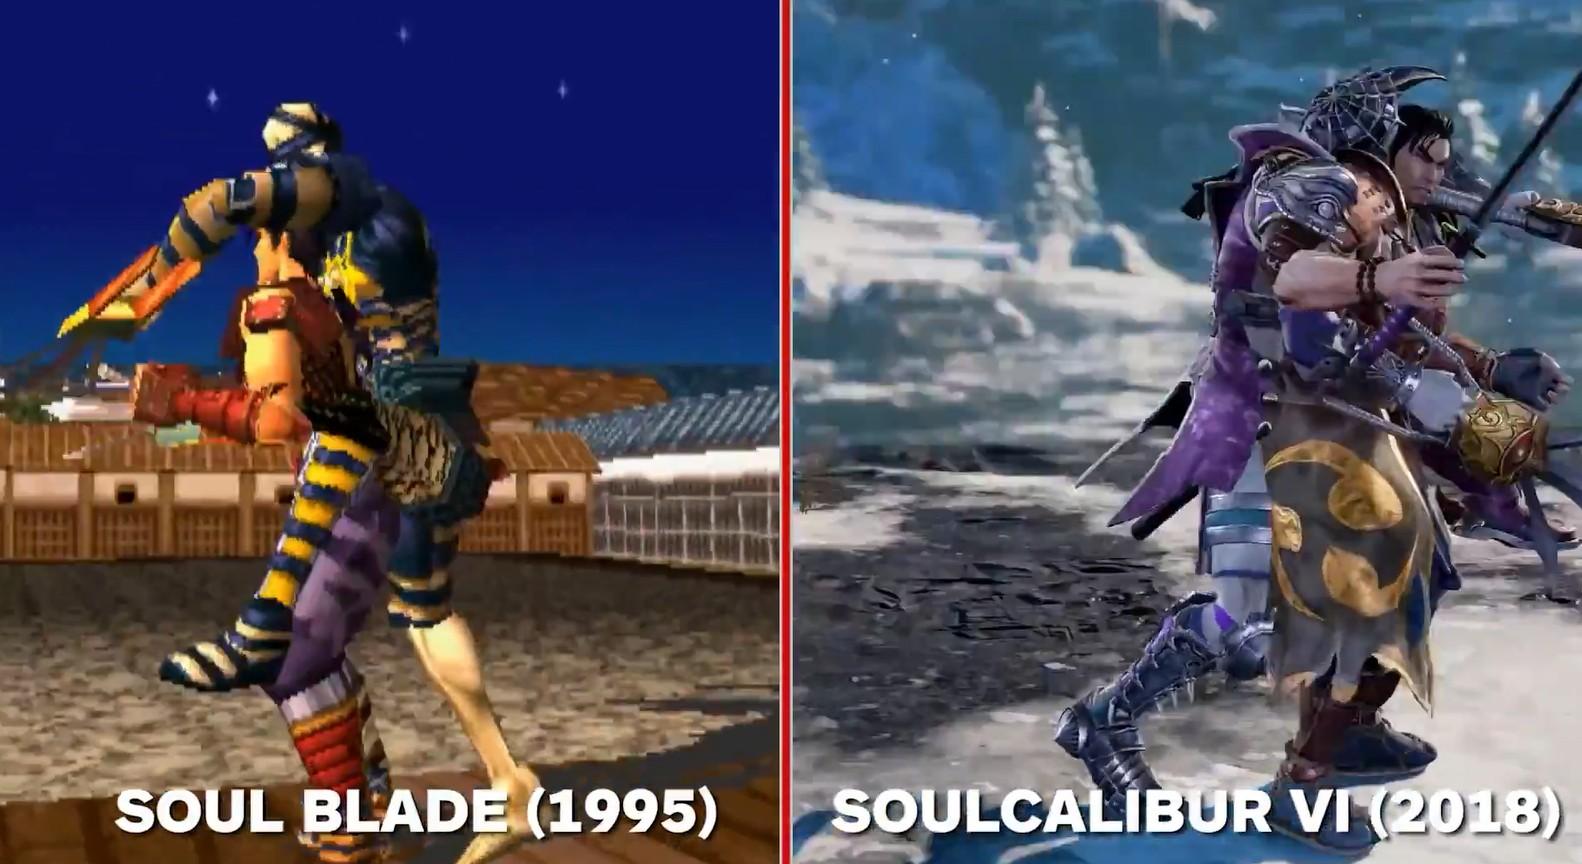 23年改变的是画面 不变的是魂之味道《灵魂能力6》与初代对比